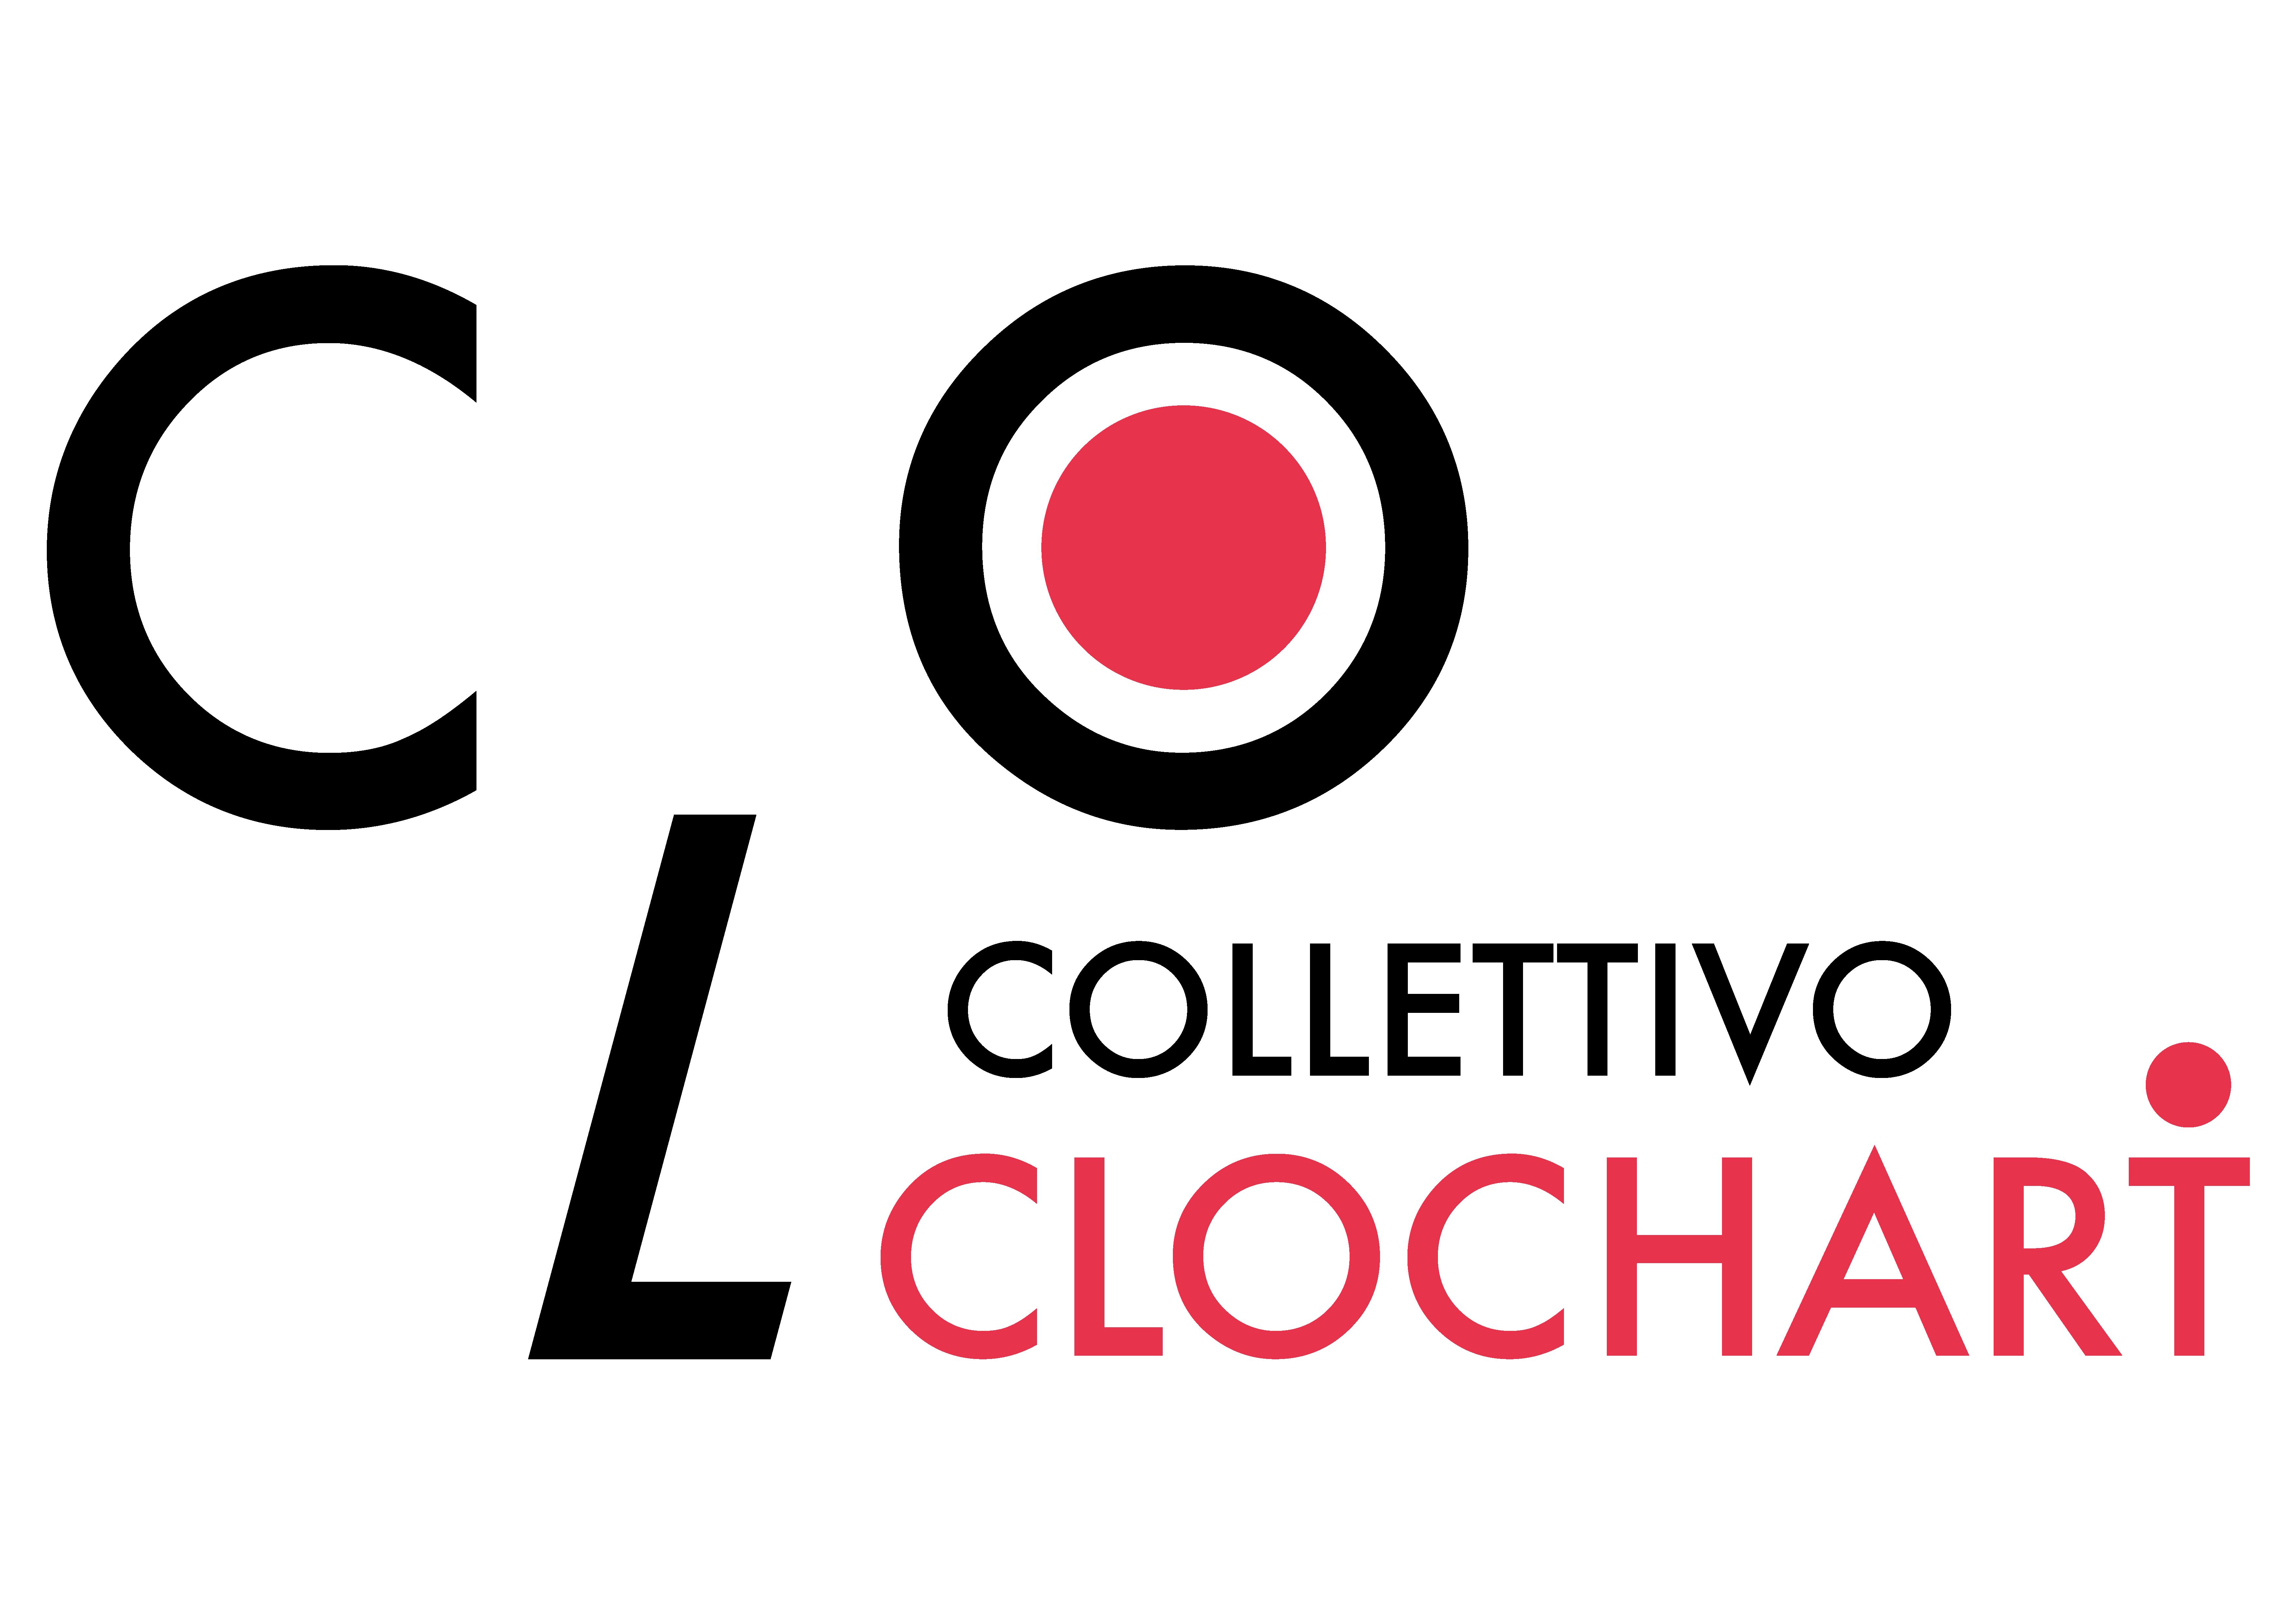 Collettivo Clochart